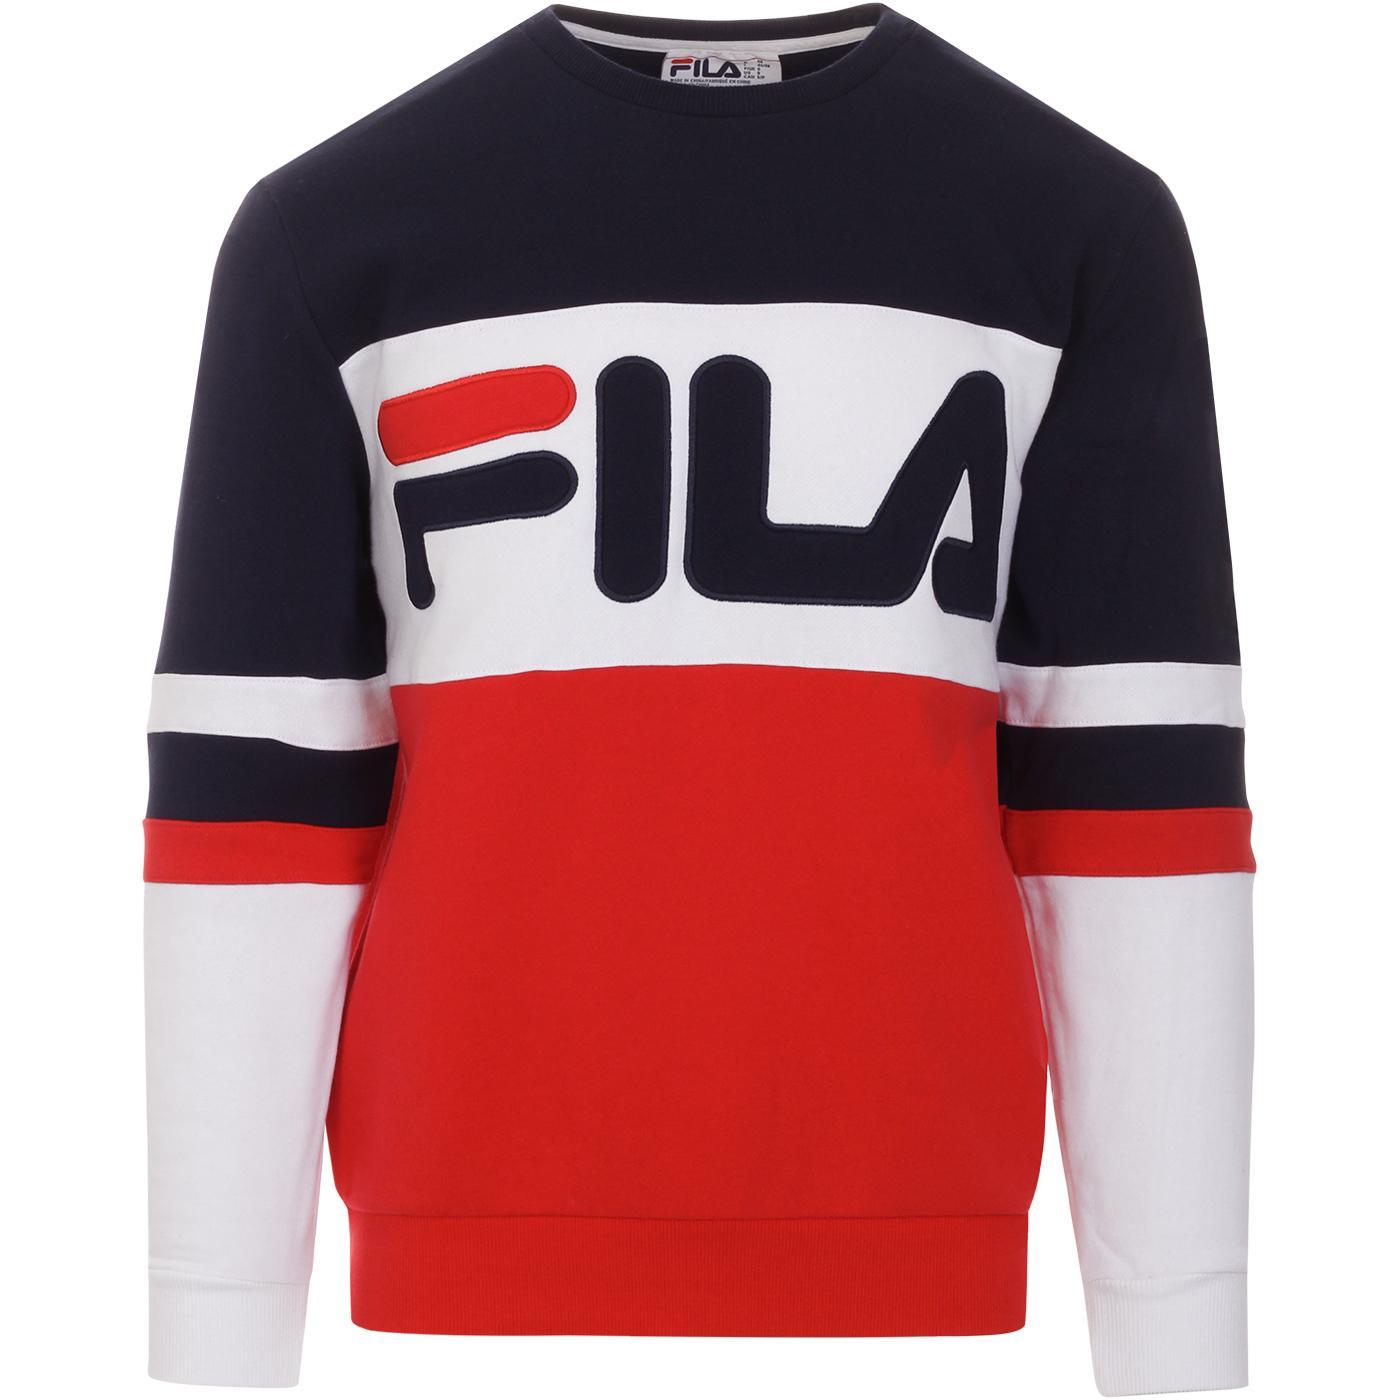 Freddie FILA VINTAGE Retro 1980s Logo Sweatshirt